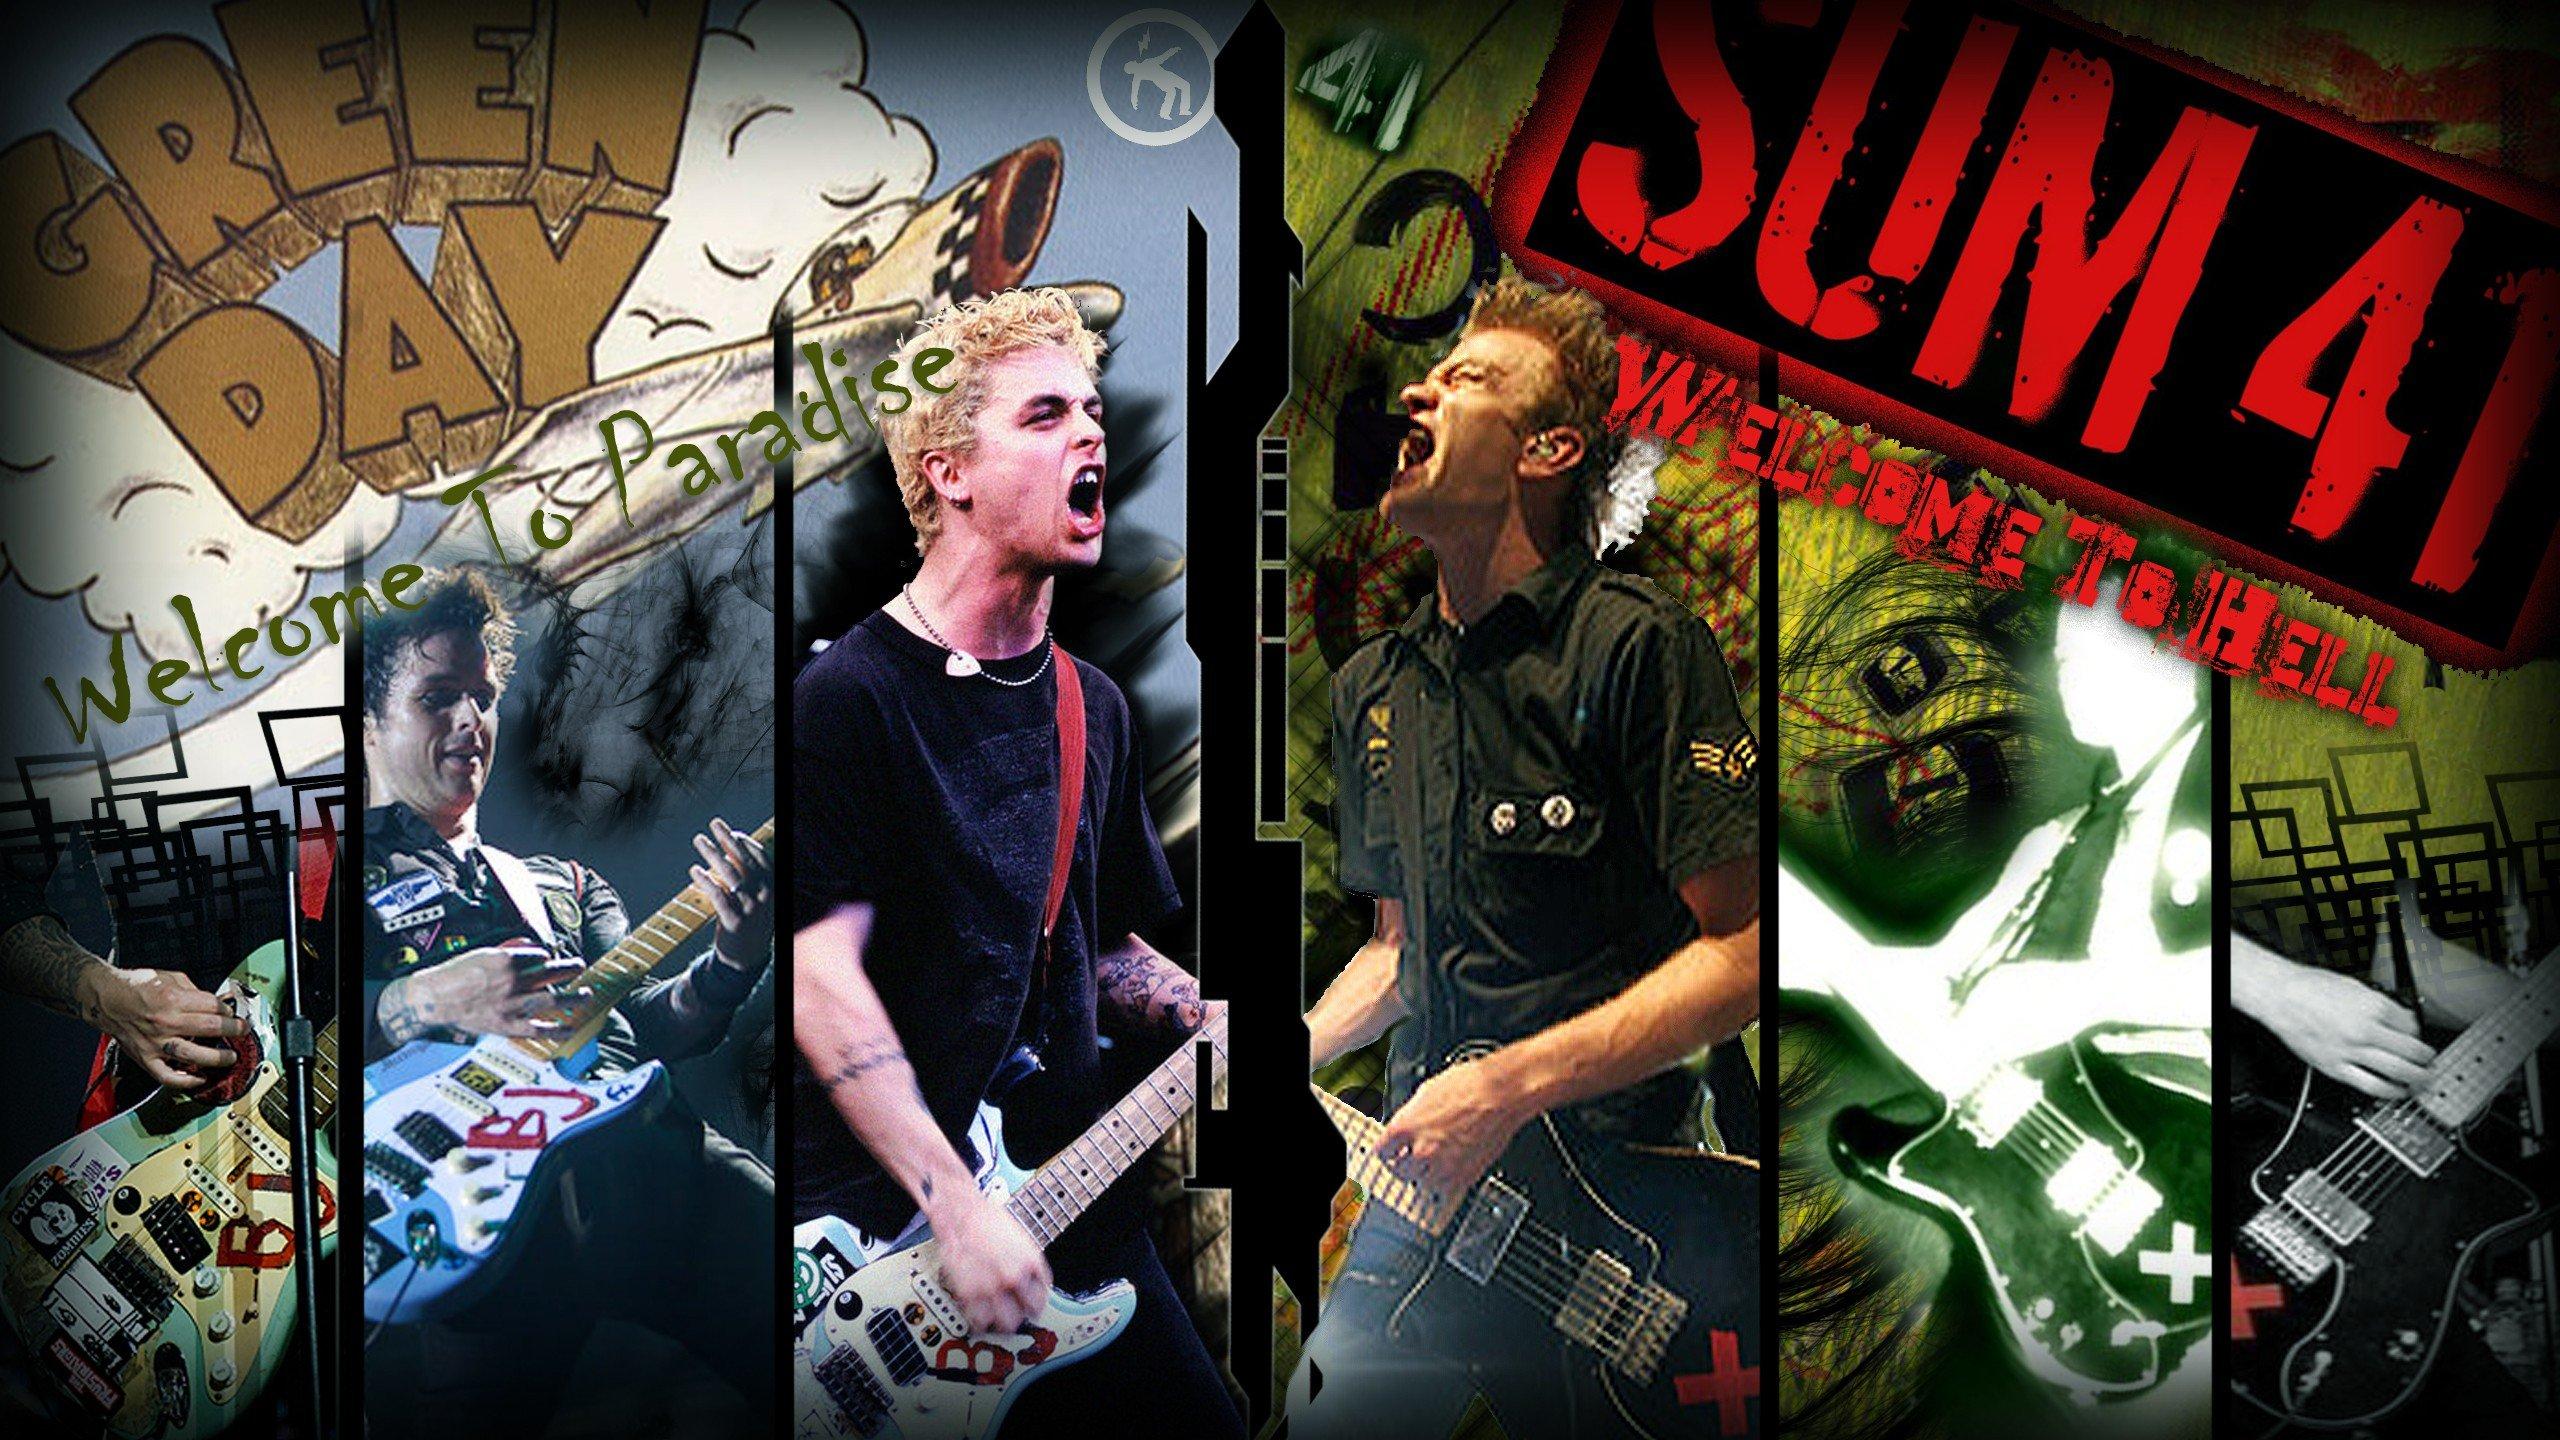 Green Day punk Billie Joe Armstrong Pop Punk sum 41 punk ...